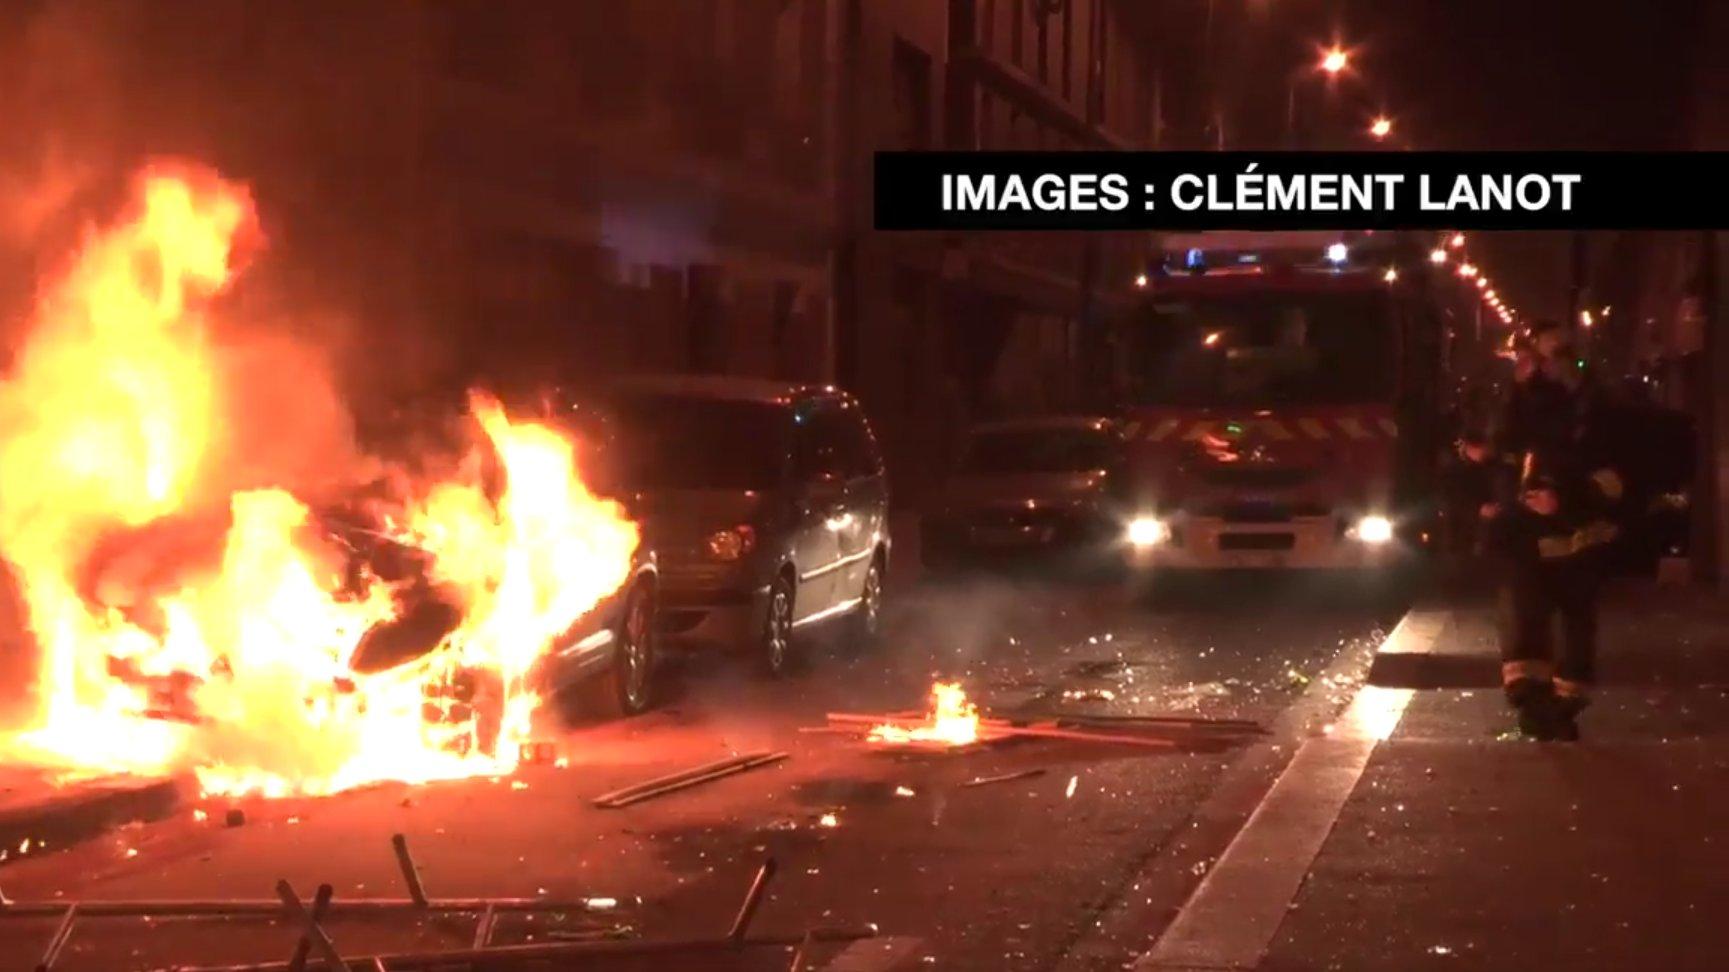 Tod eines Chinesen durch Polizist sorgt in Paris erneut für Unruhen